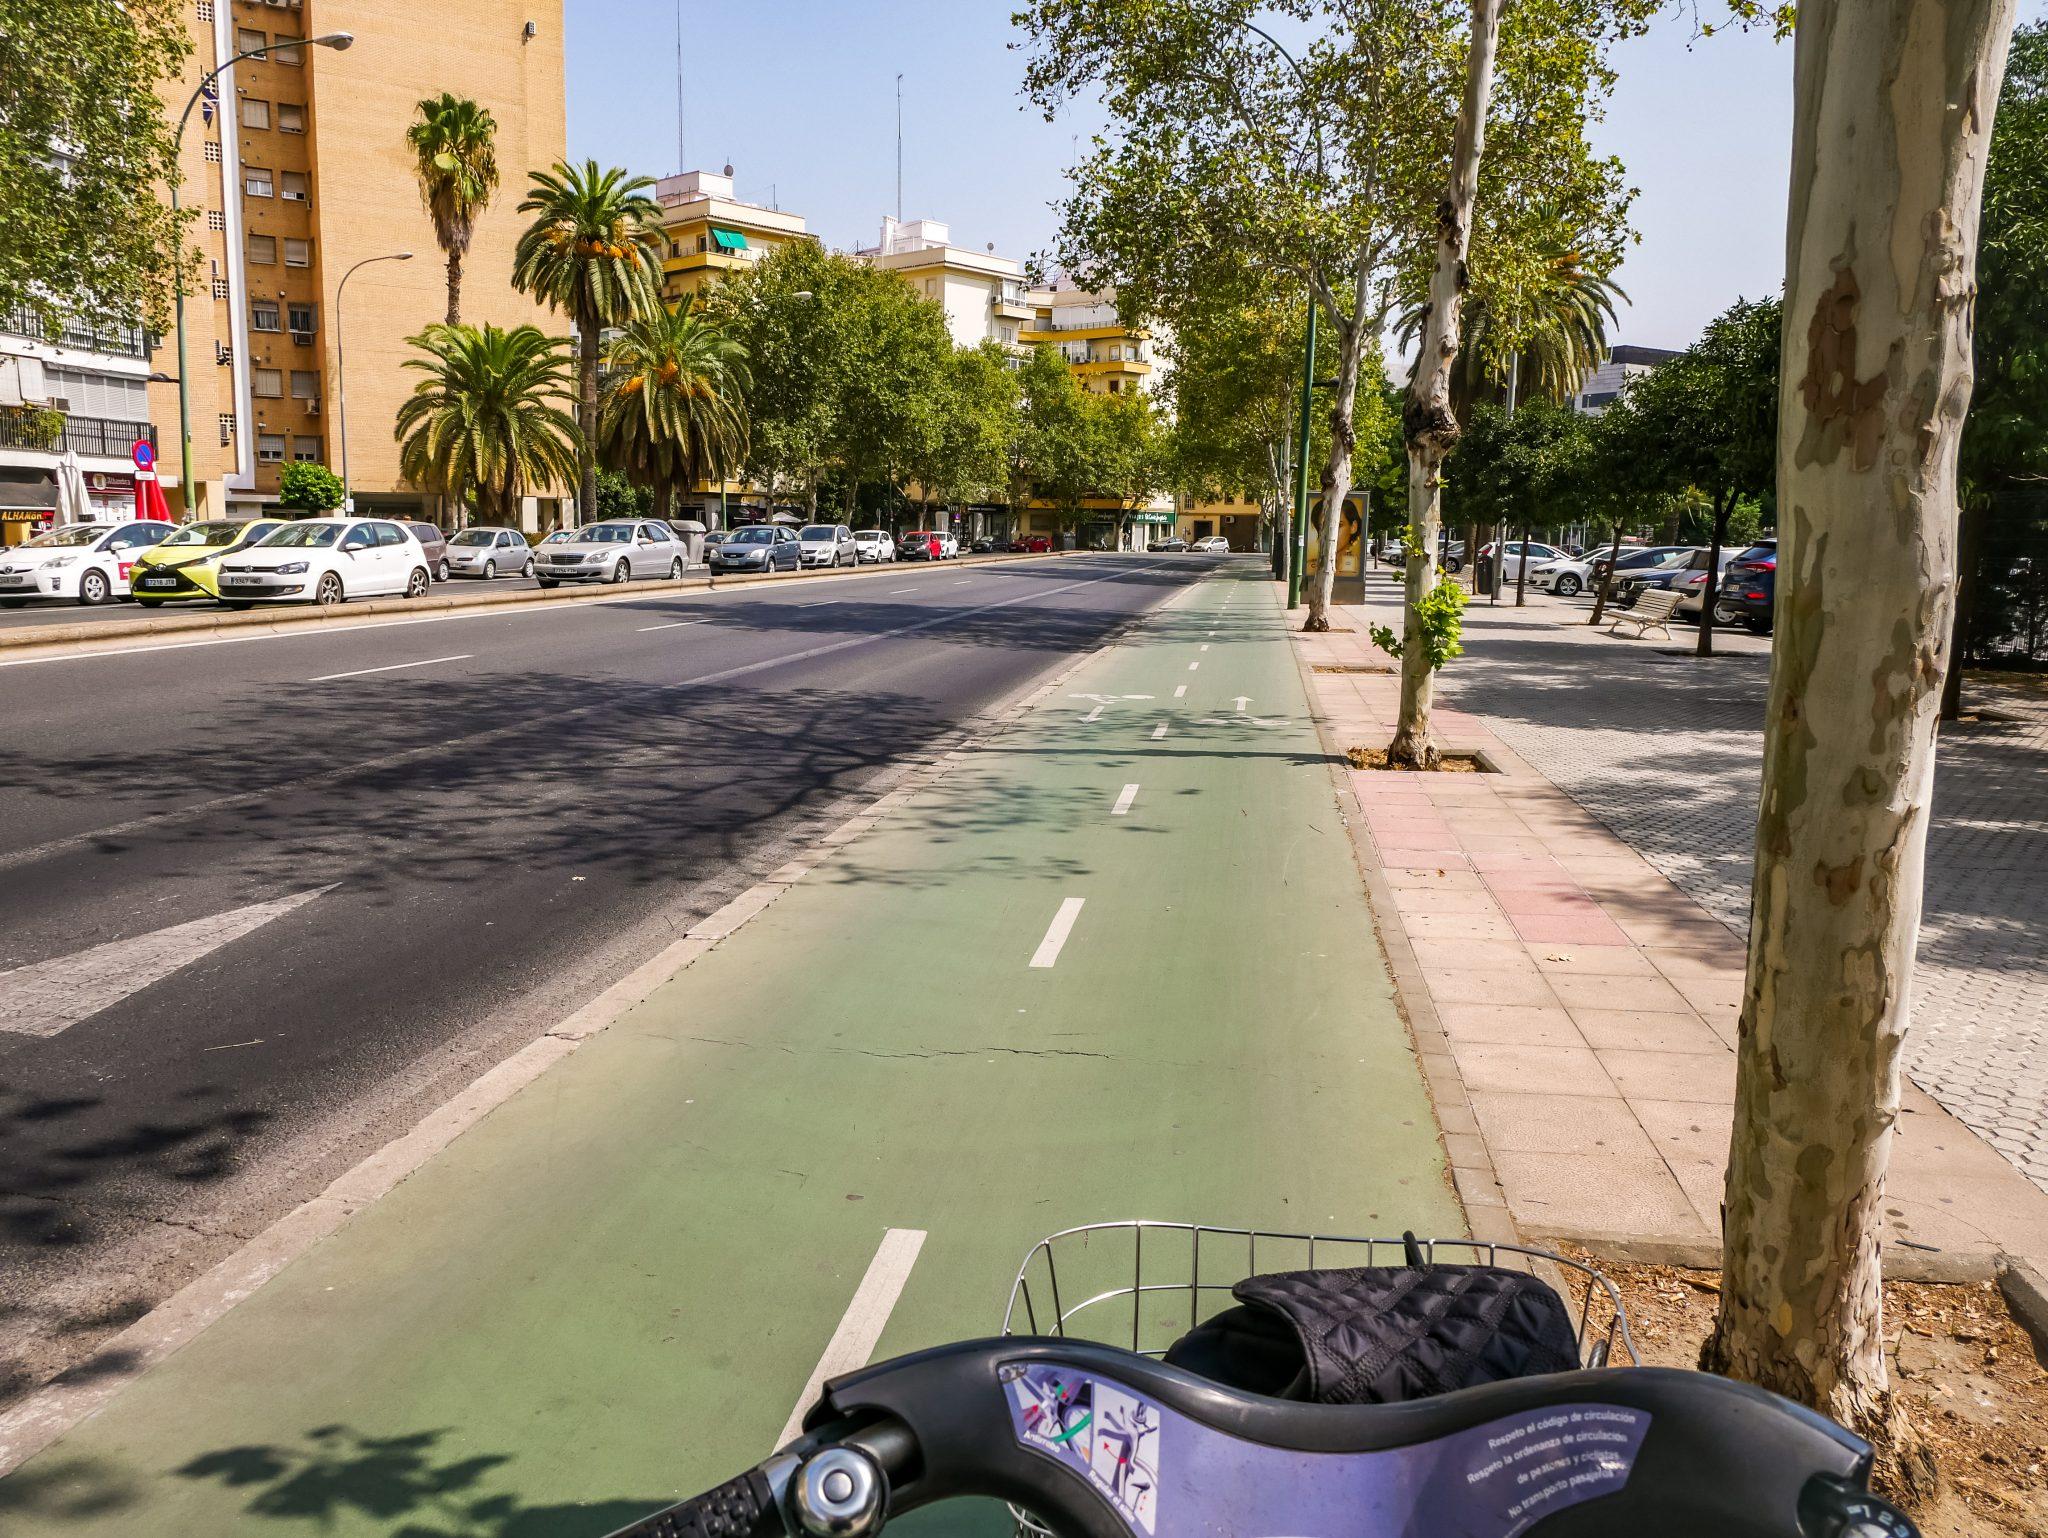 Die Fahrradwege in Sevilla sind sehr gut ausgebaut. Links ist die Gegenrichtung (wie, als ob du Auto fährst).